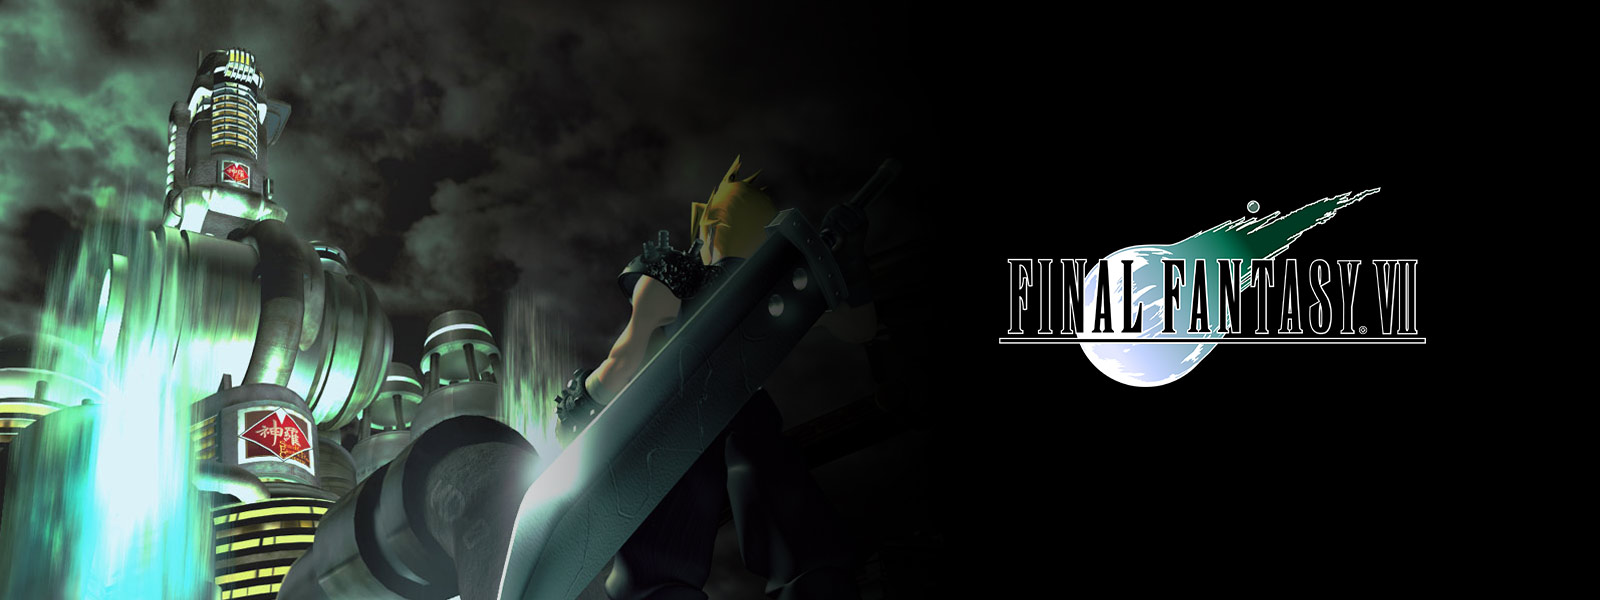 Cloud Strife, el protagonista de FINAL FANTASY VII, con una espada gigante en su espalda